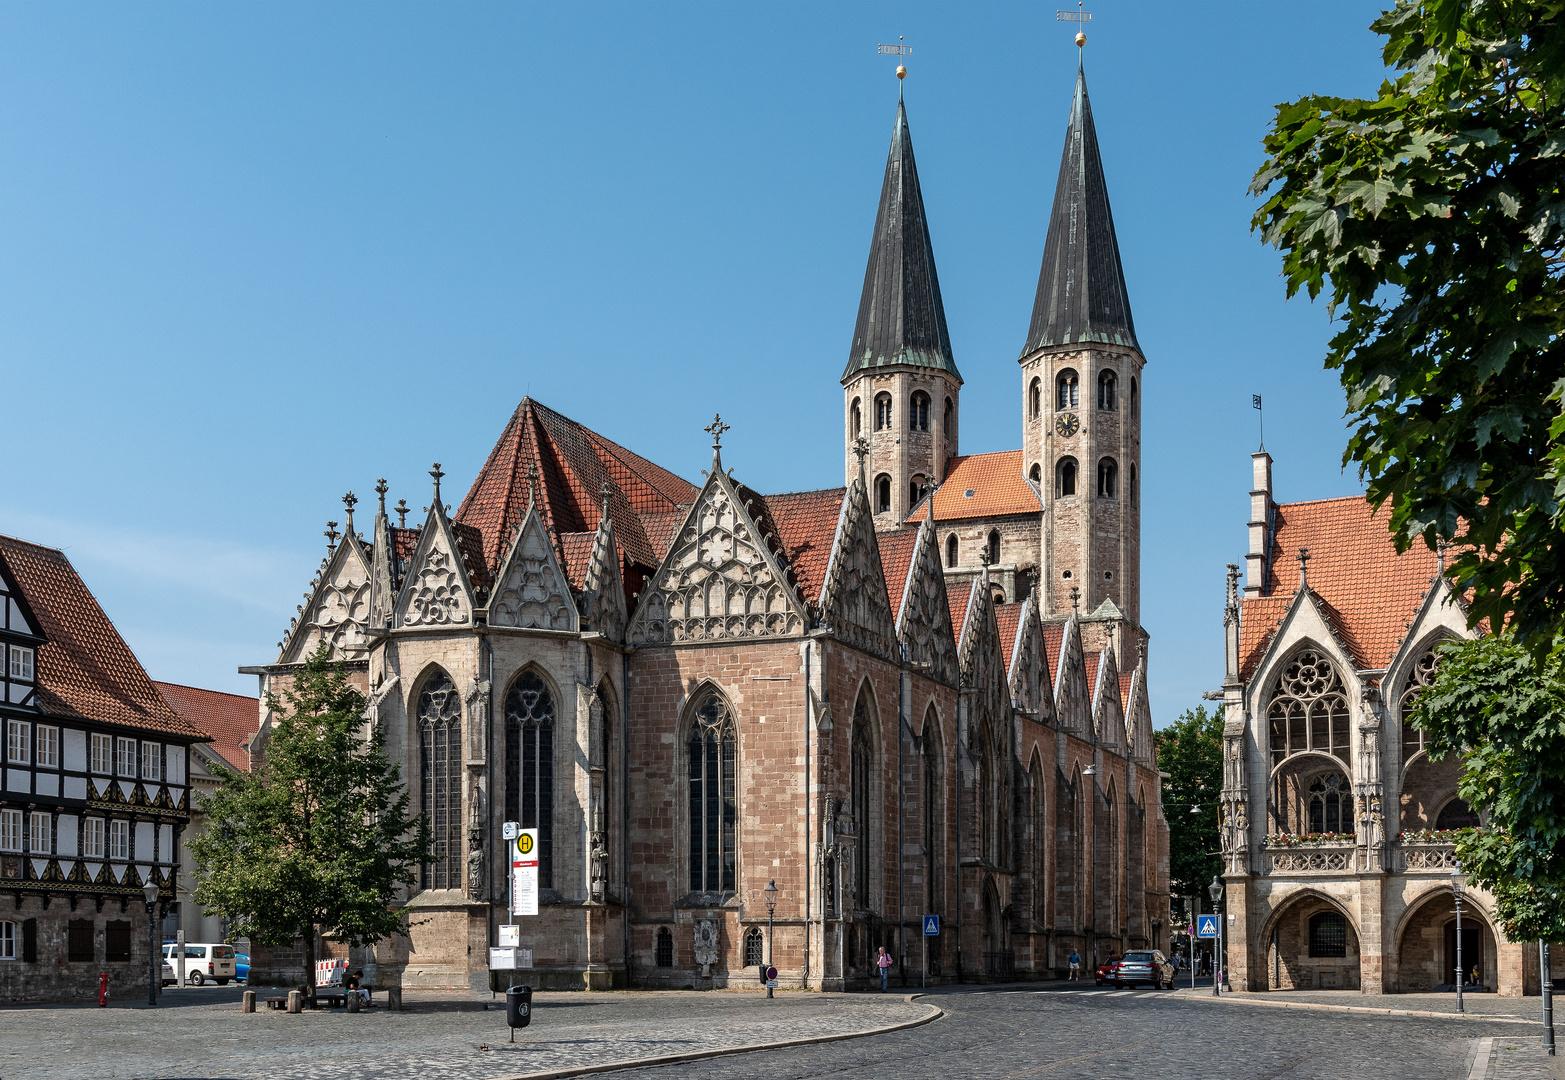 Der Altstadtmarkt in Braunschweig mit Martinikirche